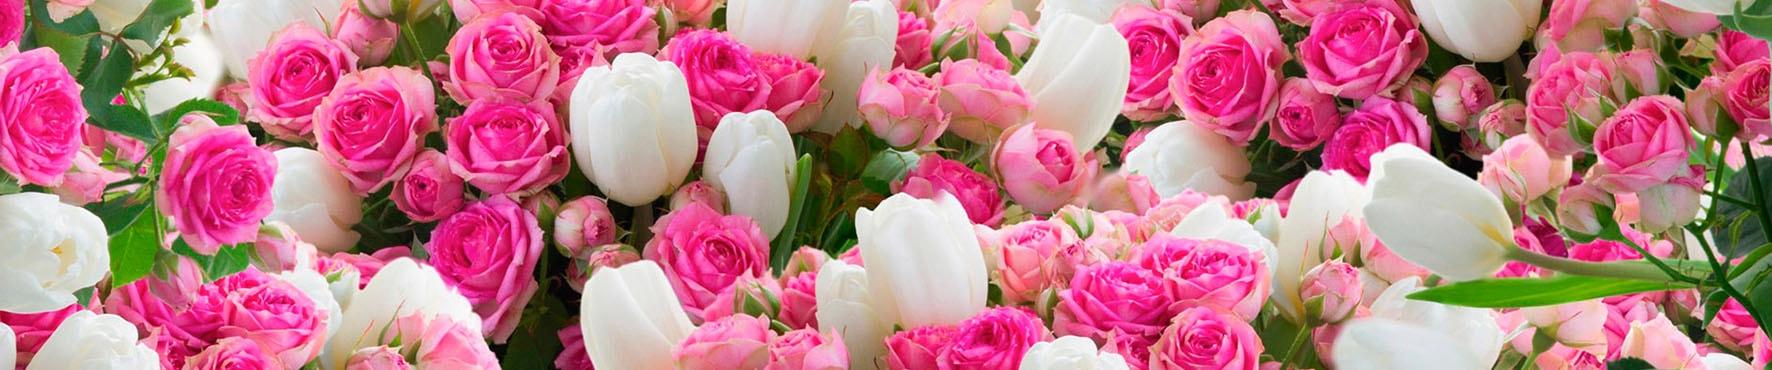 Салон цветов Florange / Грозный фото